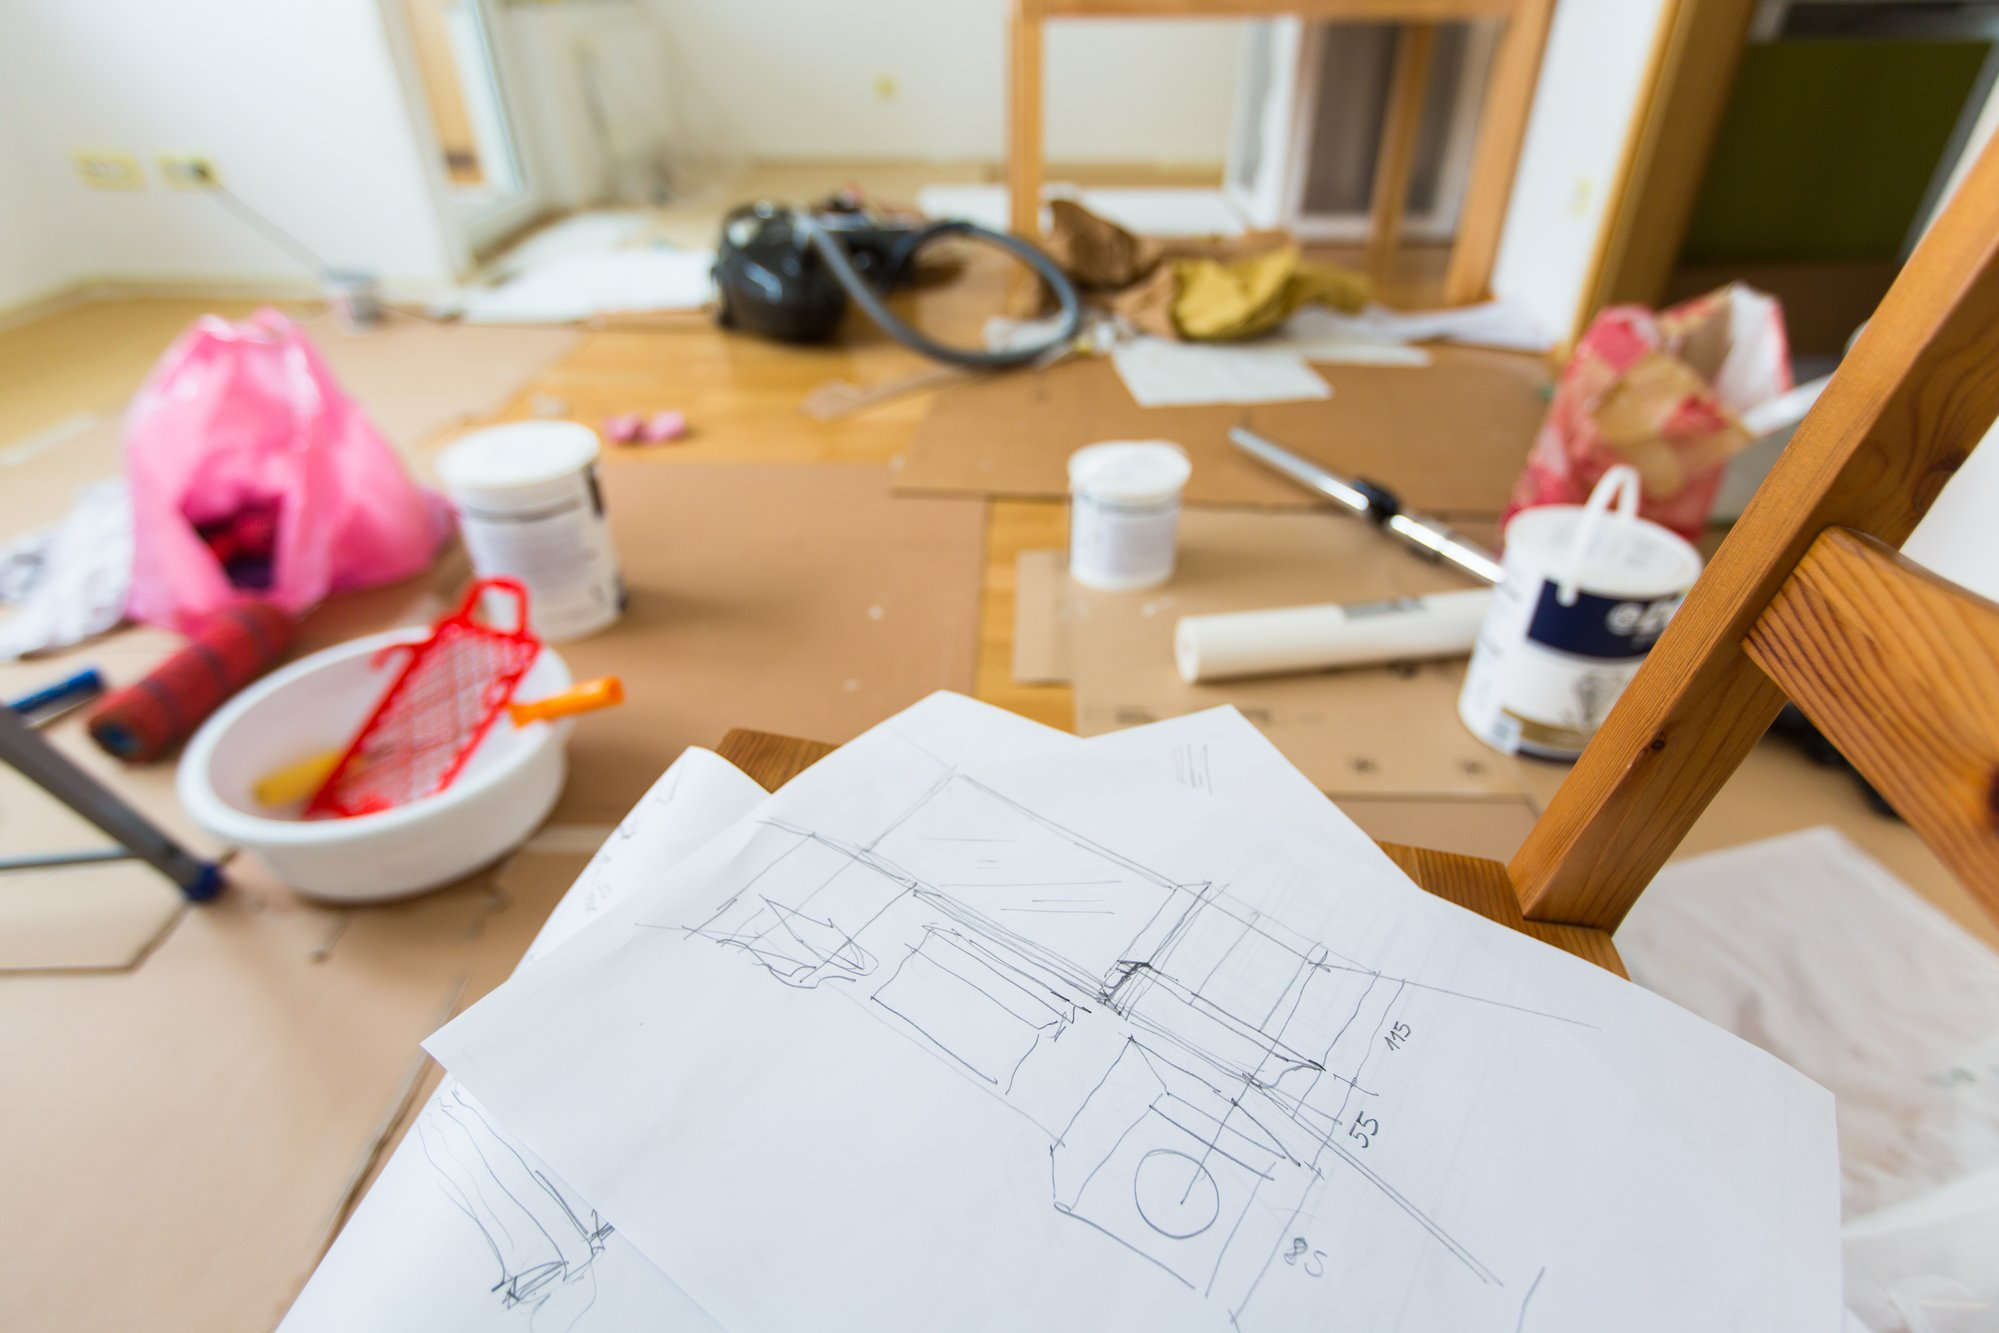 Стариковская обстановка в доме пугает женихов, делаю ремонт самостоятельно